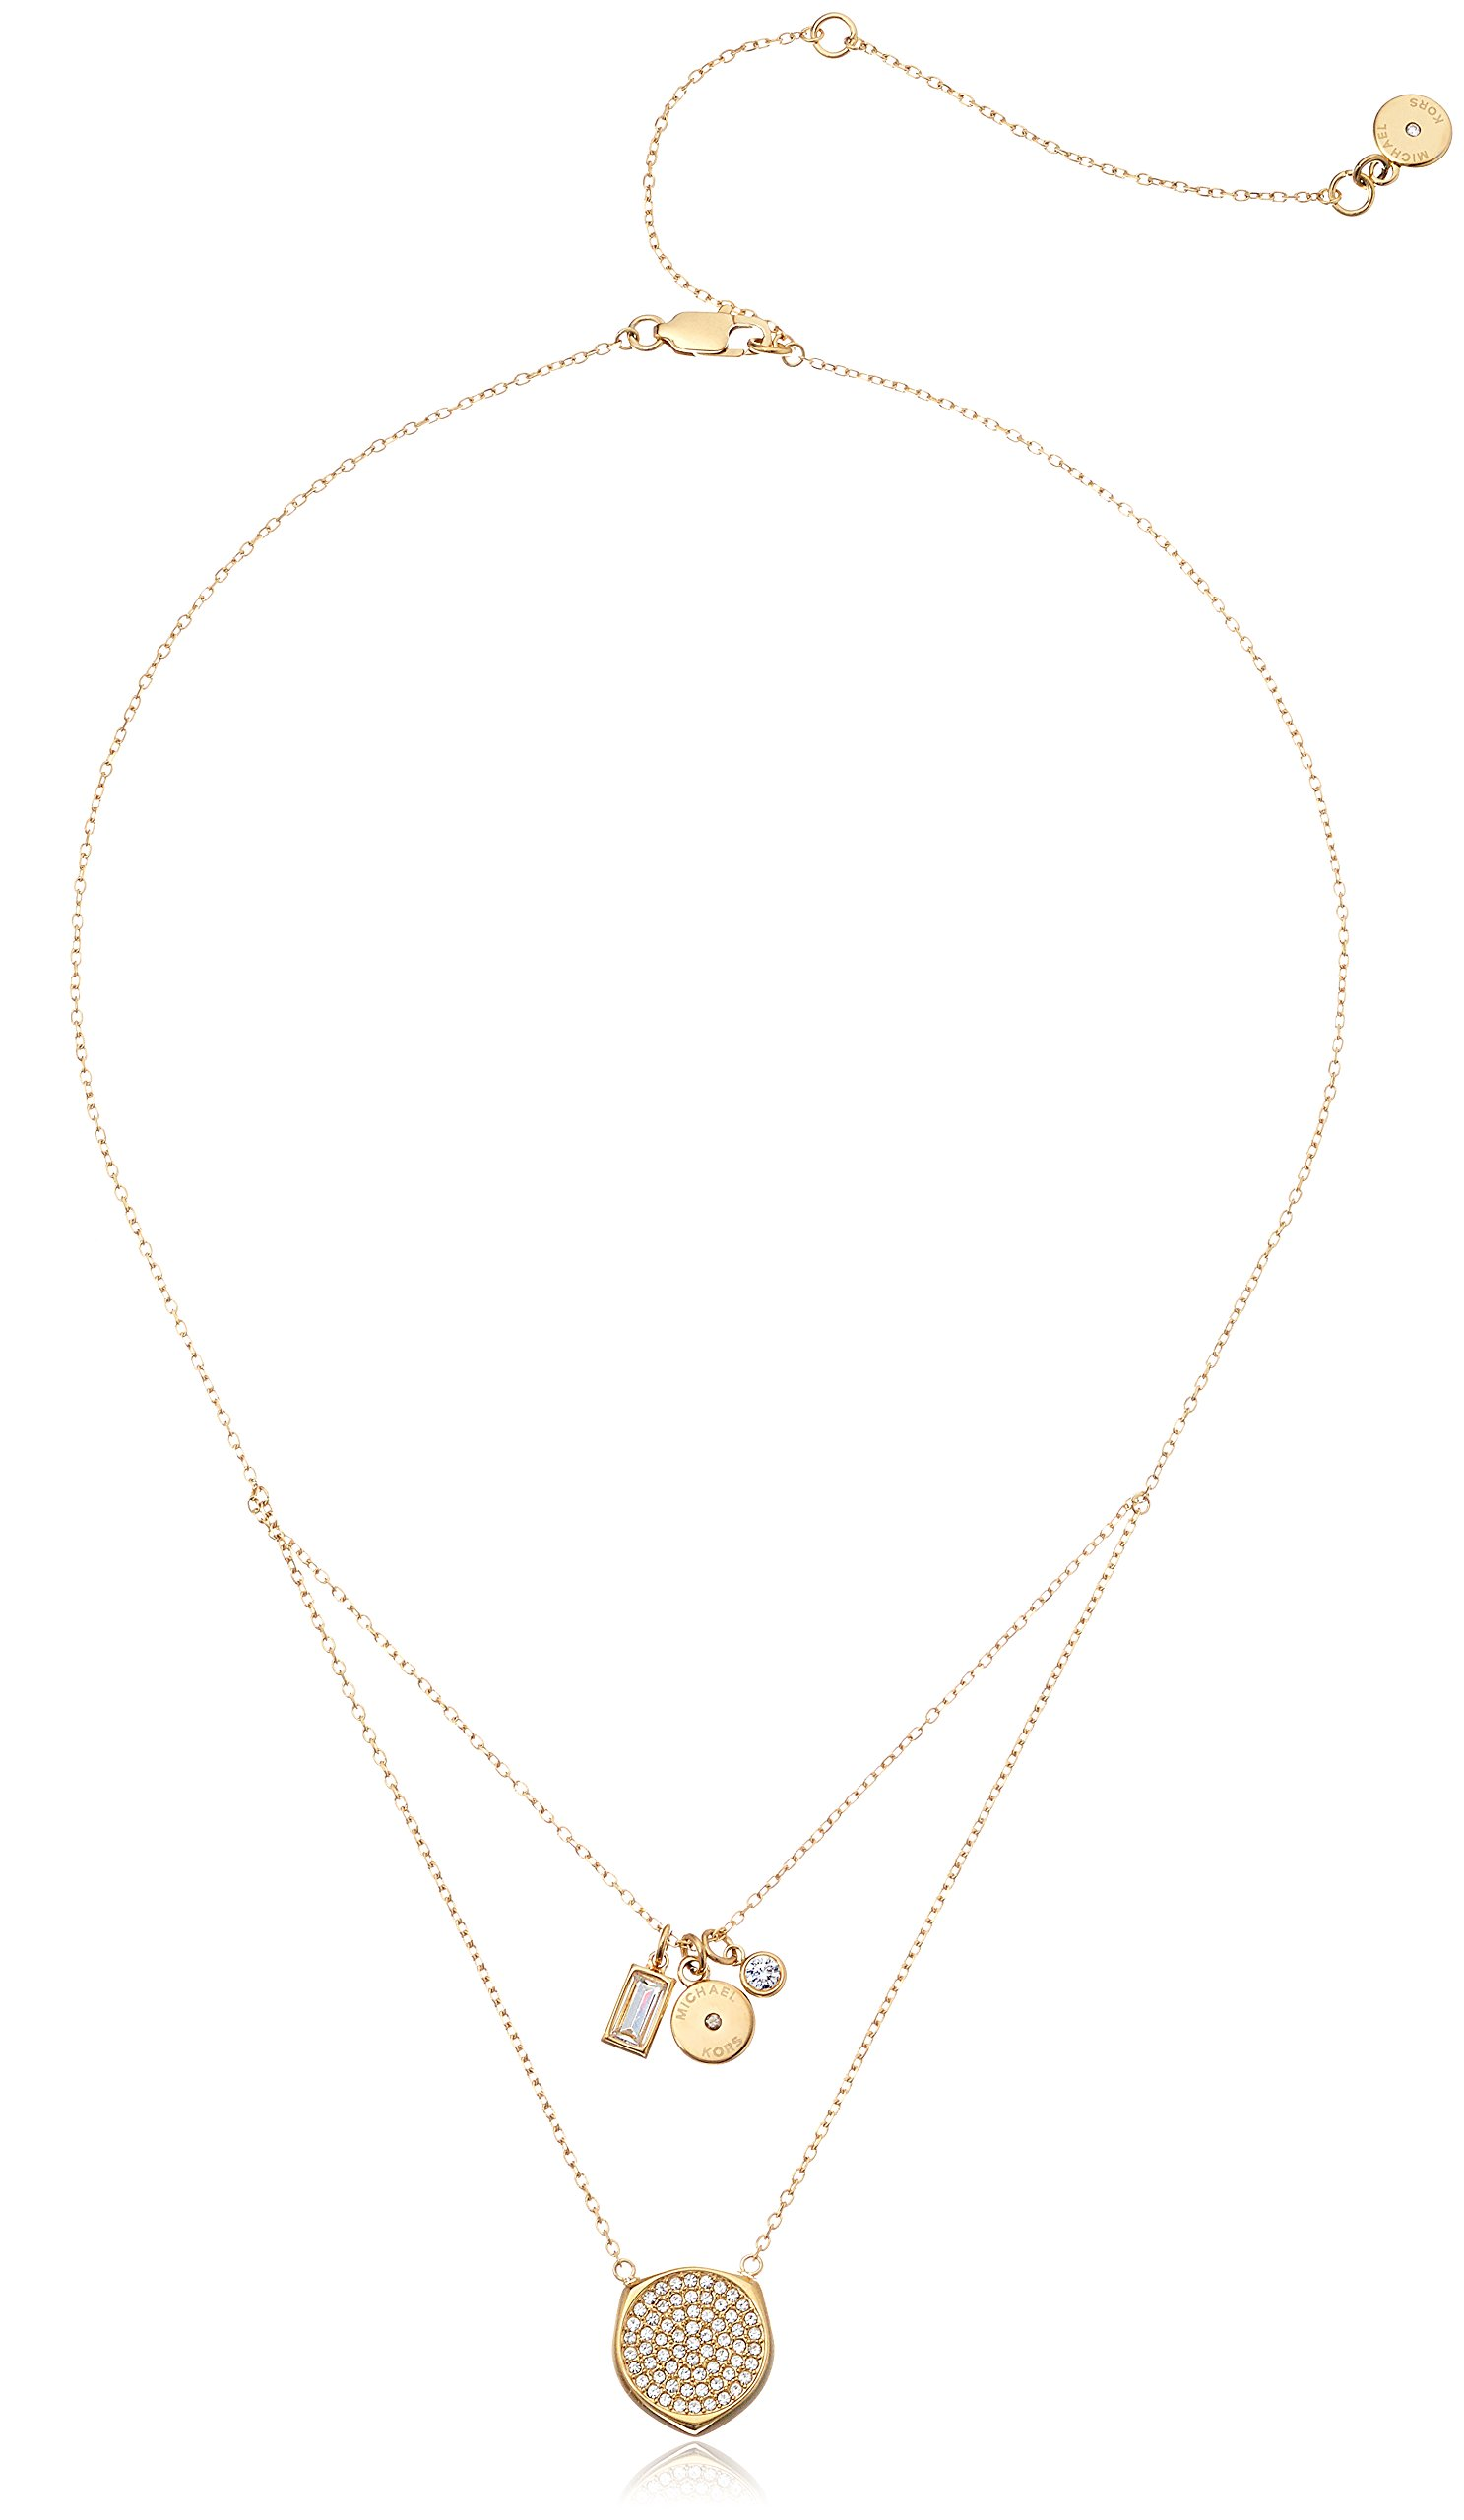 Michael Kors Beyond Brilliant Gold-Tone Pendant Necklace, 16'' + 4.75''